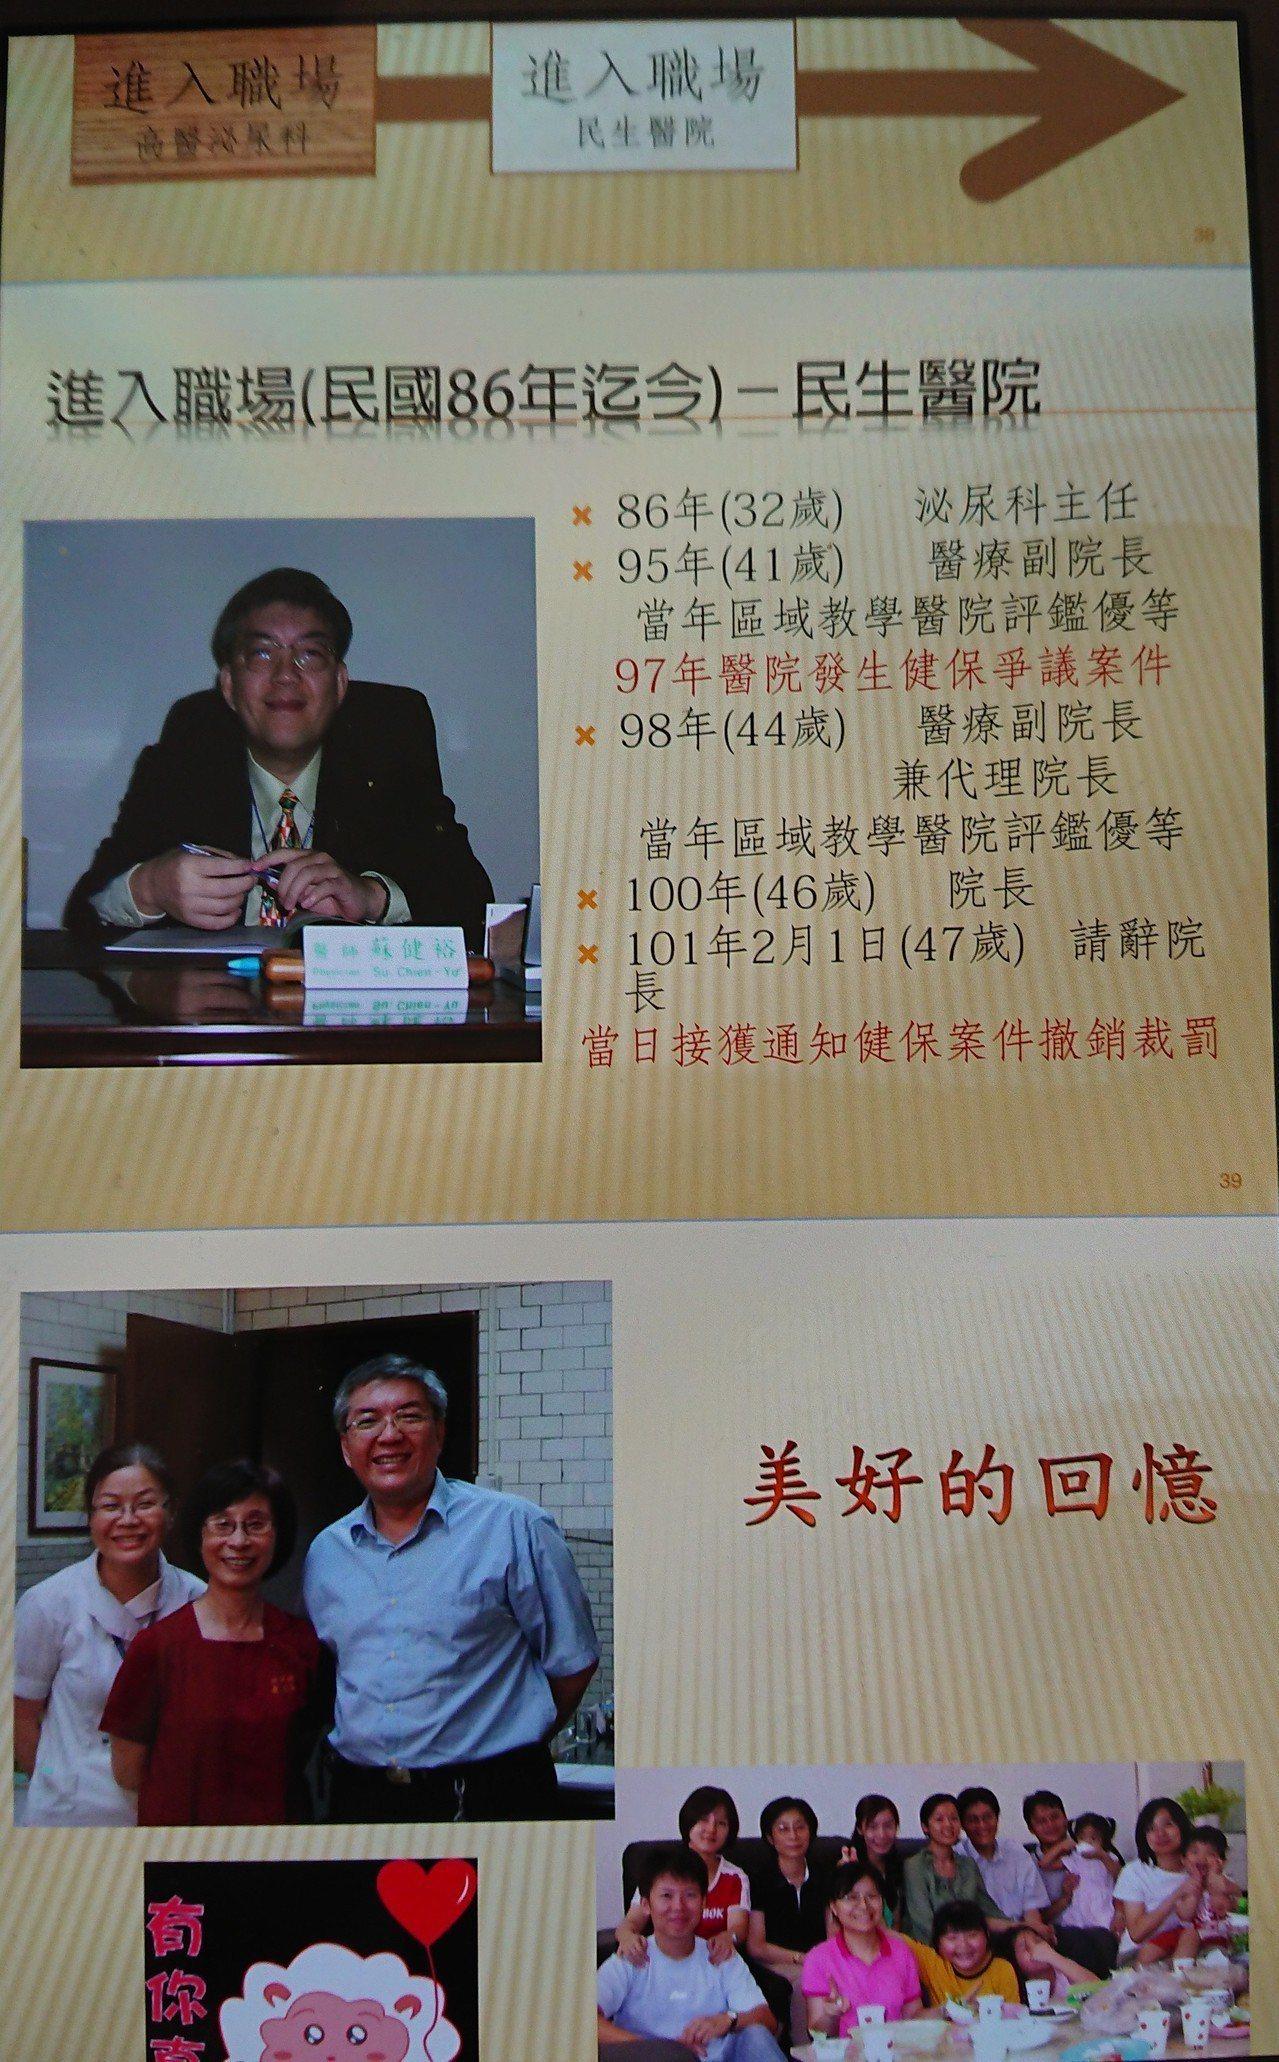 蘇健裕32歲當上泌尿科主任、41歲成為醫療副院長,期間歷經民生醫院健保爭議風波,...